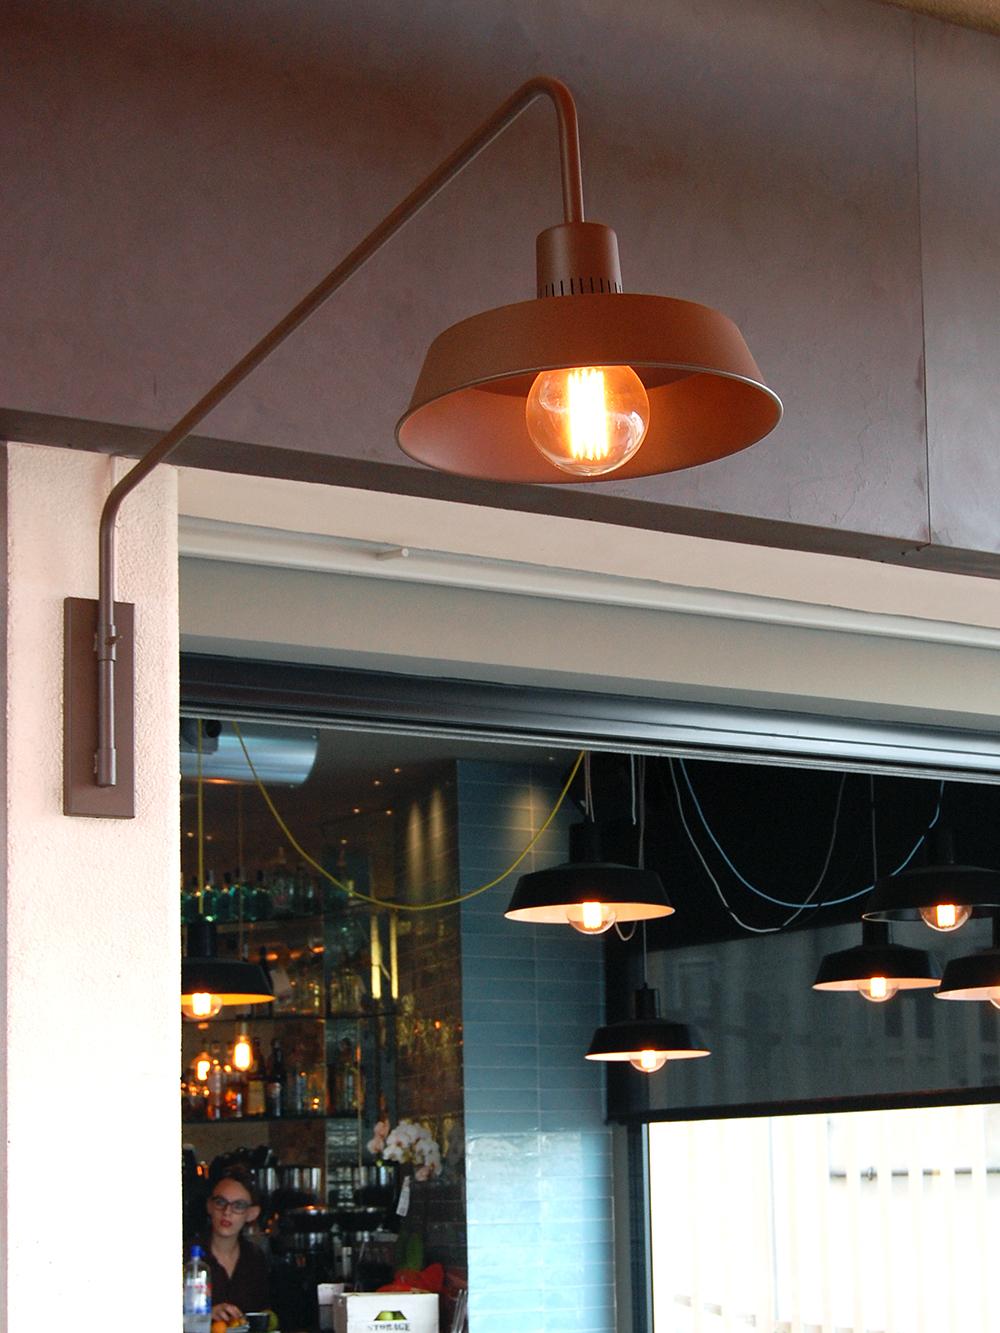 lampara de exterior de estilo industrial